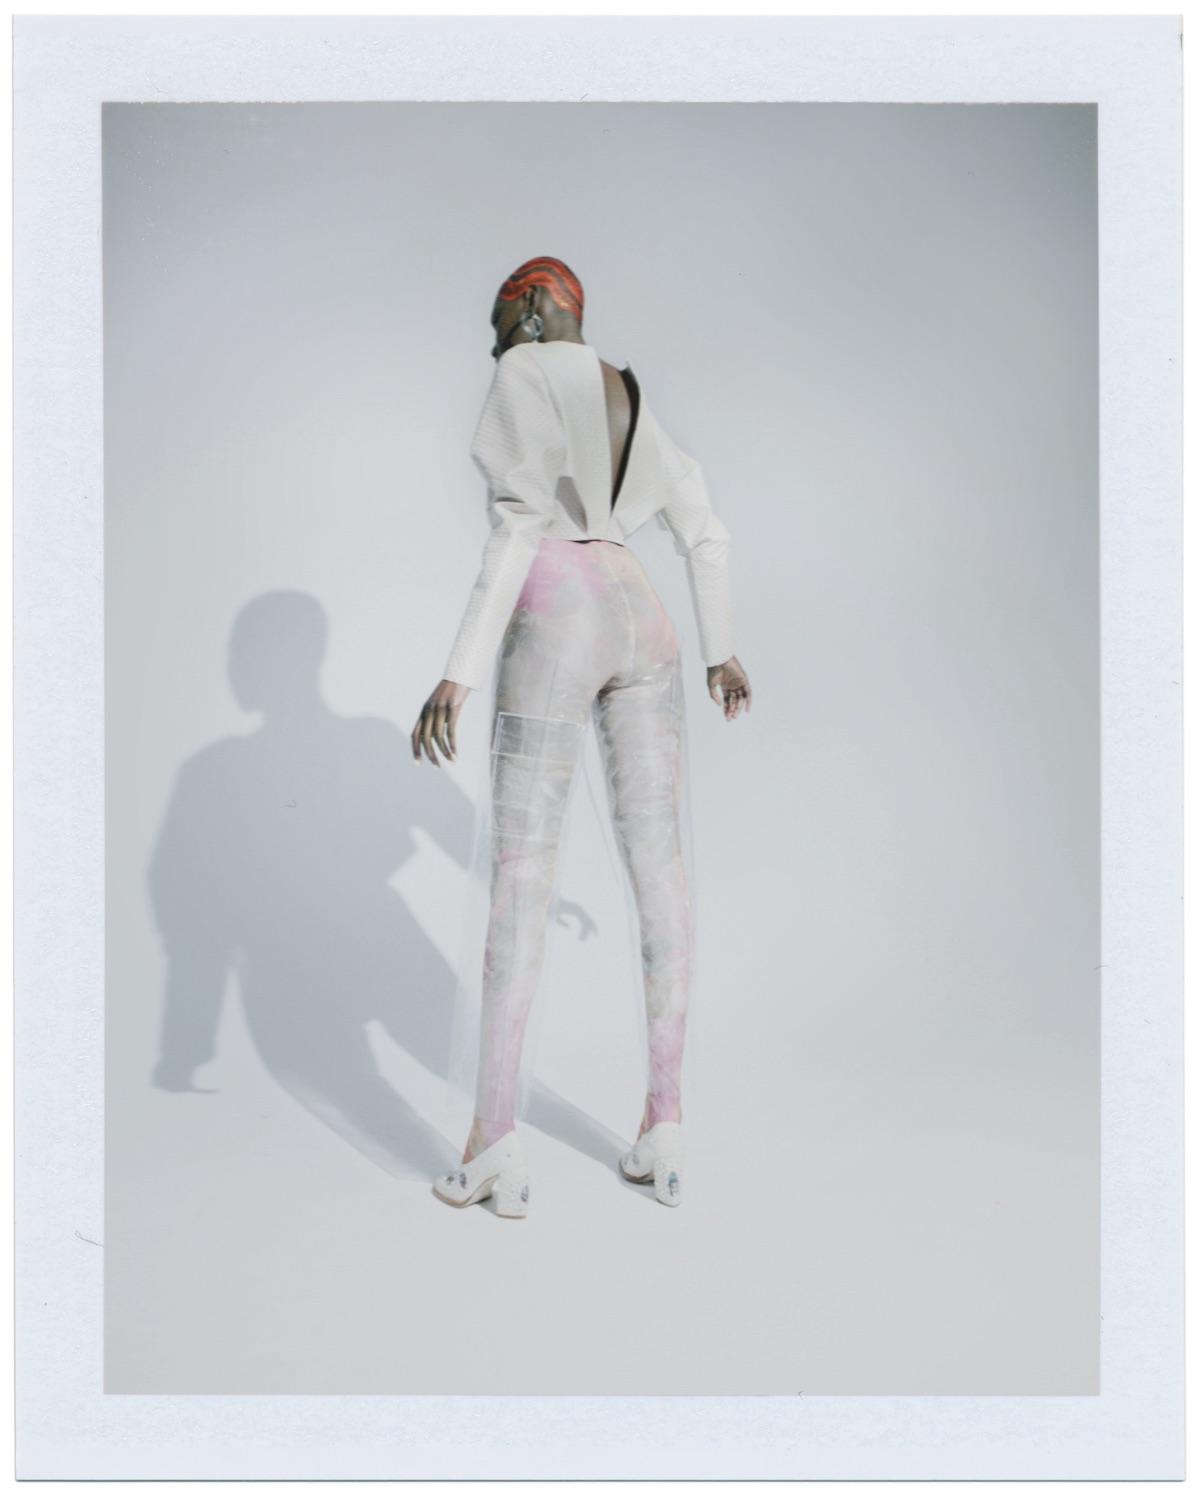 Teeth Magazine Online Linus Morales Film Fashion Photography Wilhja Topshop Mikaela Höök